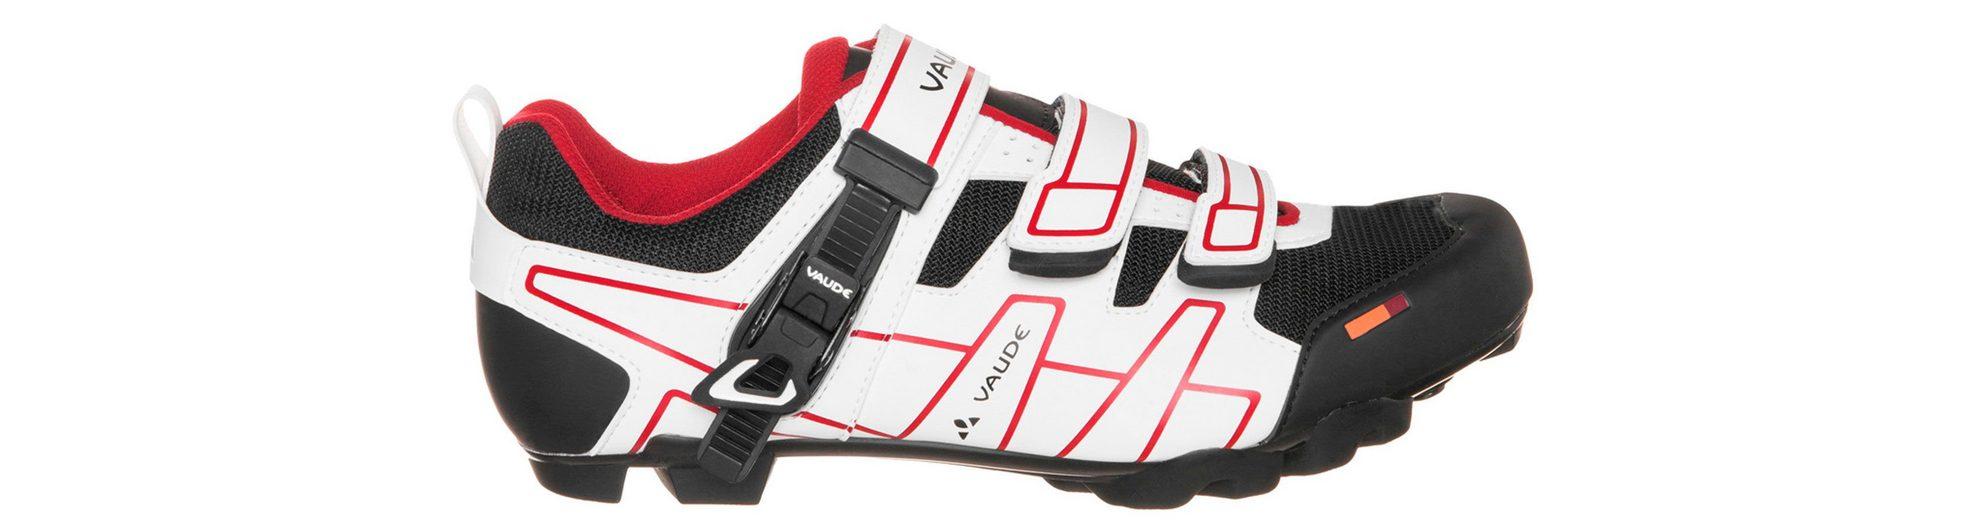 Freies Verschiffen Günstigsten Preis VAUDE Fahrradschuhe Exire Advanced RC Bike Shoes Men Freies Verschiffen Heißen Verkauf Großhandelspreis Zu Verkaufen Einkaufen Outlet Online VrFnn